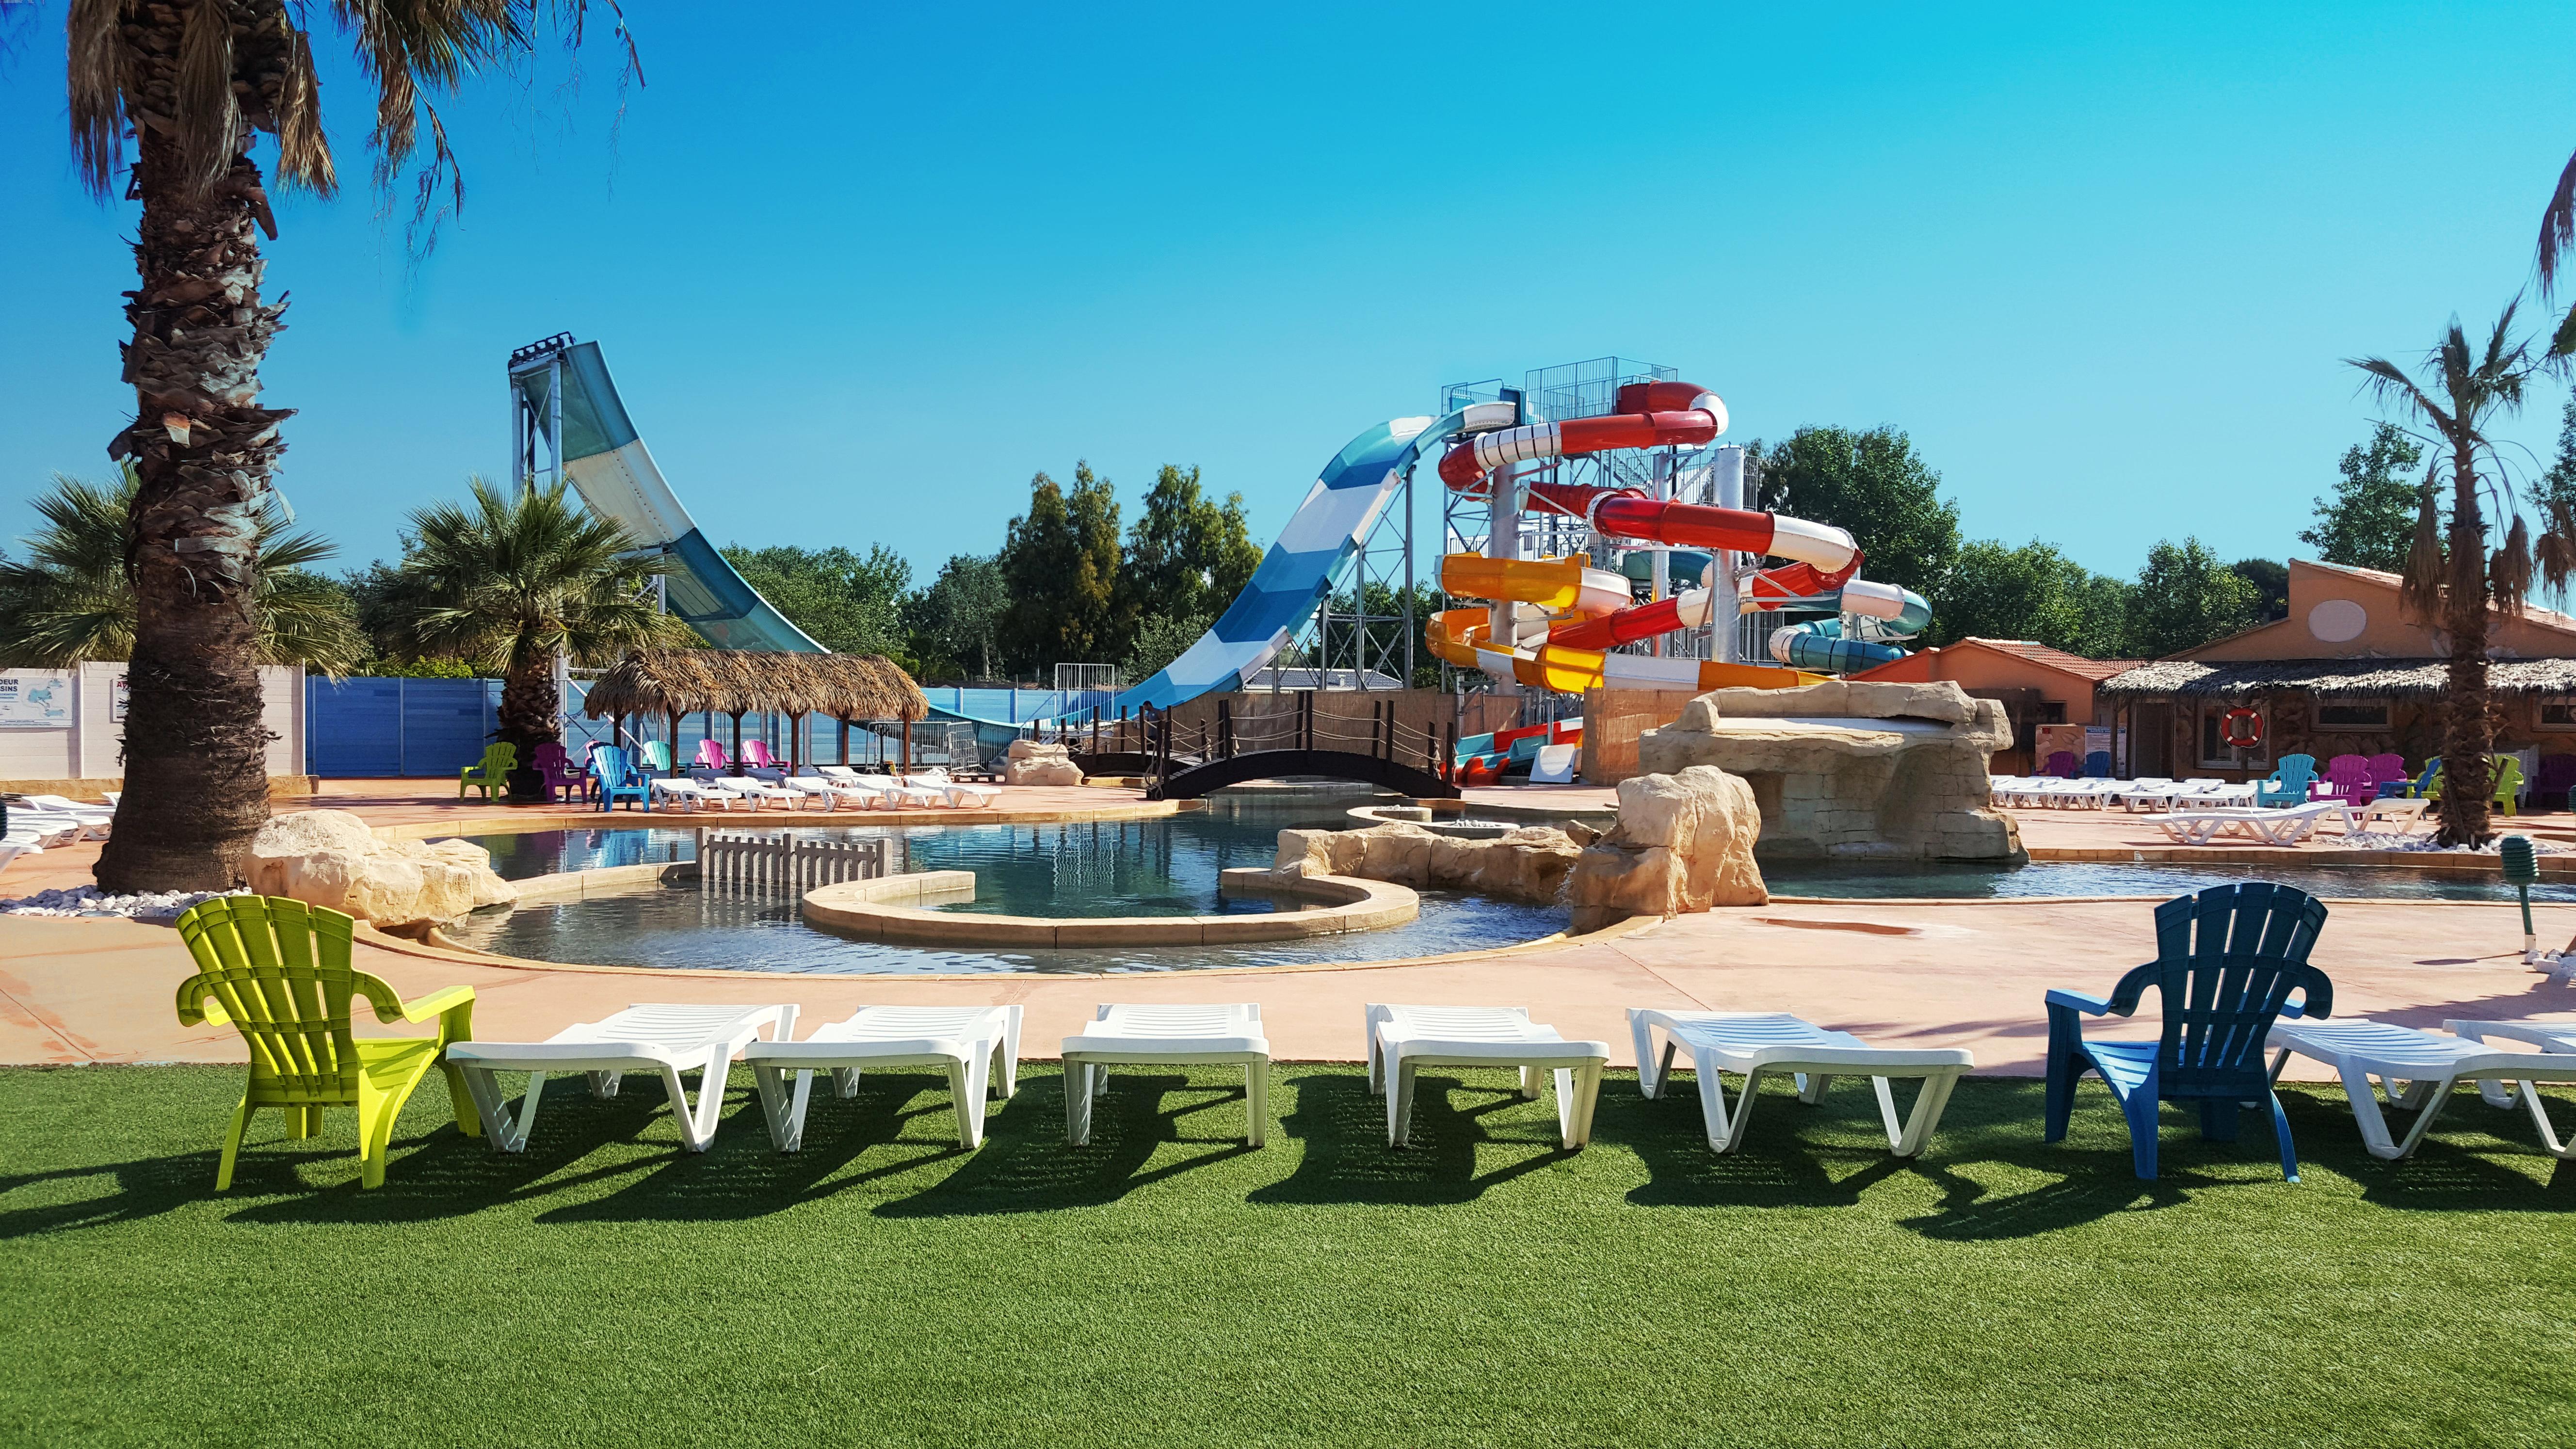 Le barcares camping les tamaris plein air vacances for Club vacances ardeche avec piscine